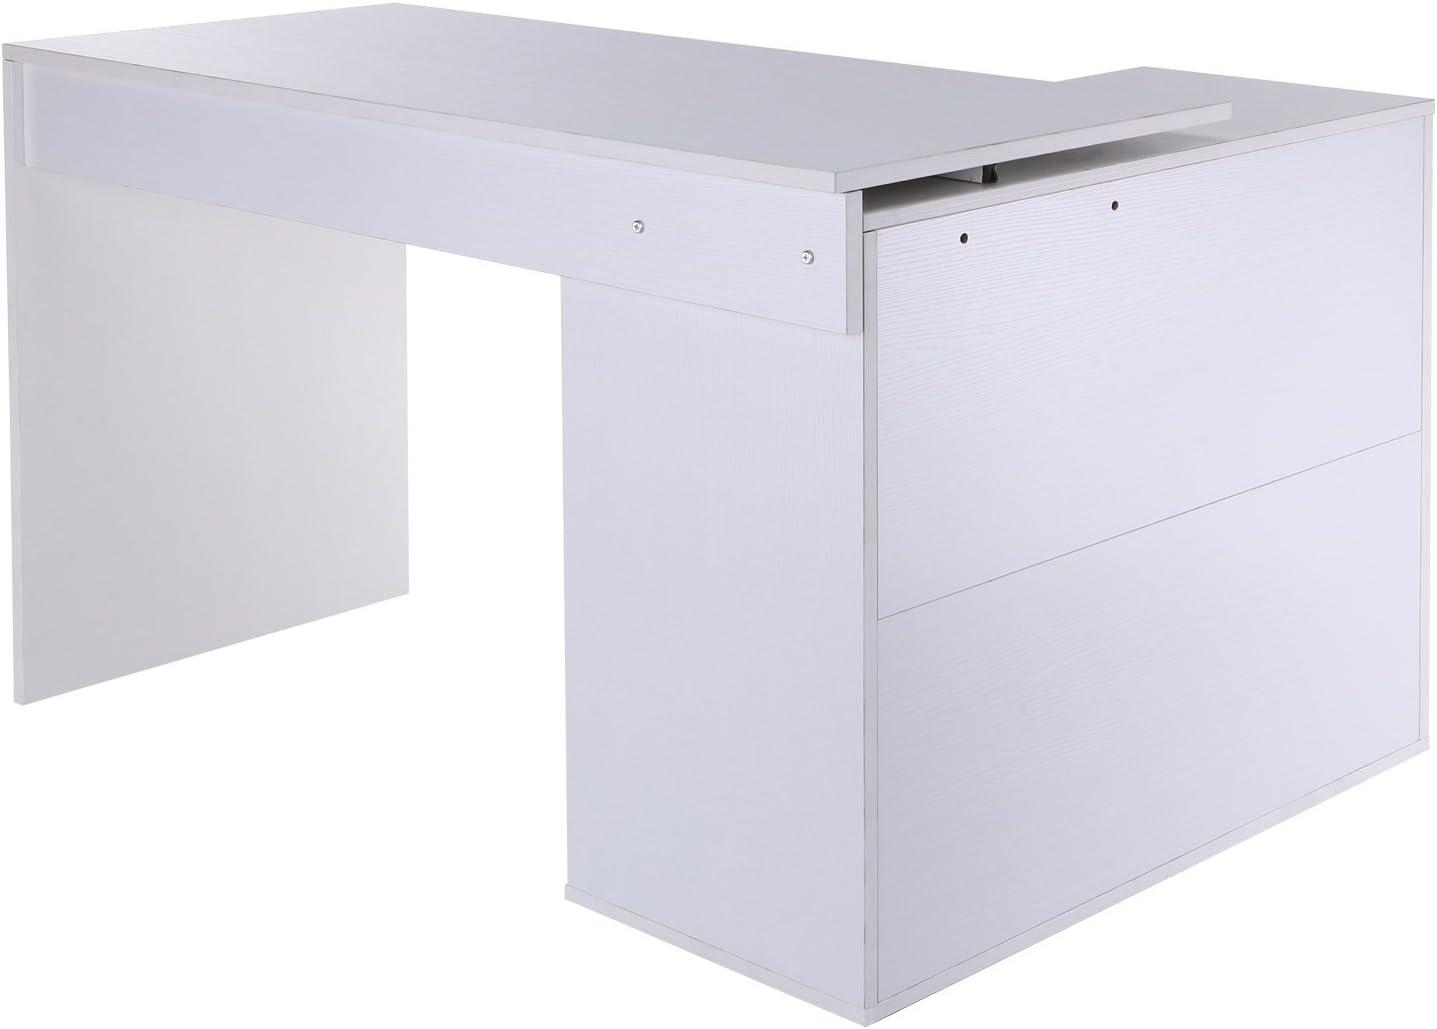 HOMCOM Eckschreibtisch Computertisch B/ürotisch Winkelschreibtisch Regal L-Form 117 x 83,5 x 76 cm MDF+Metall I-Form 162 x 50 x 76 cm Schwarz